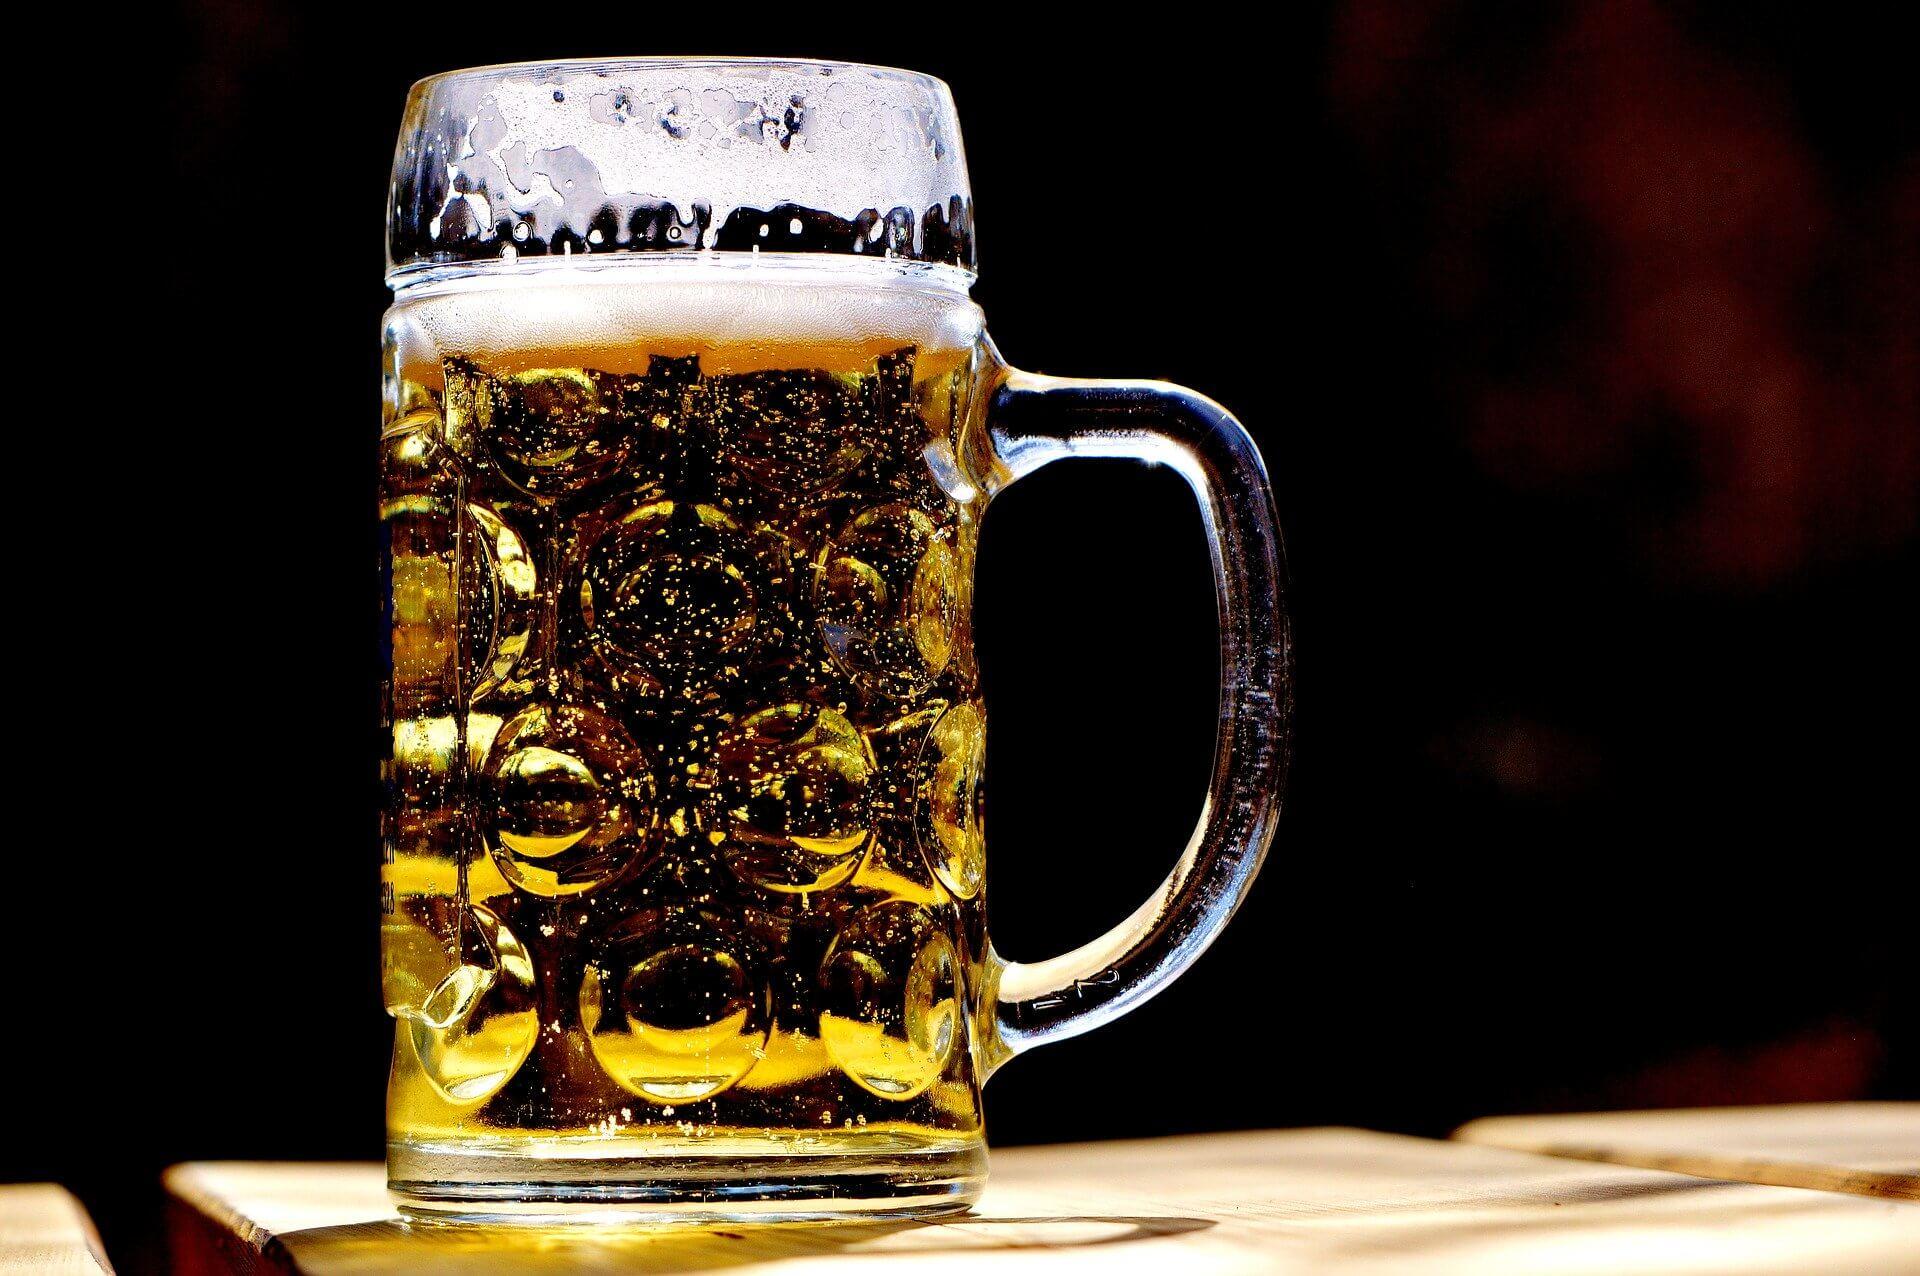 ビール おすすめの定期購入サービス(サブスクリプション)